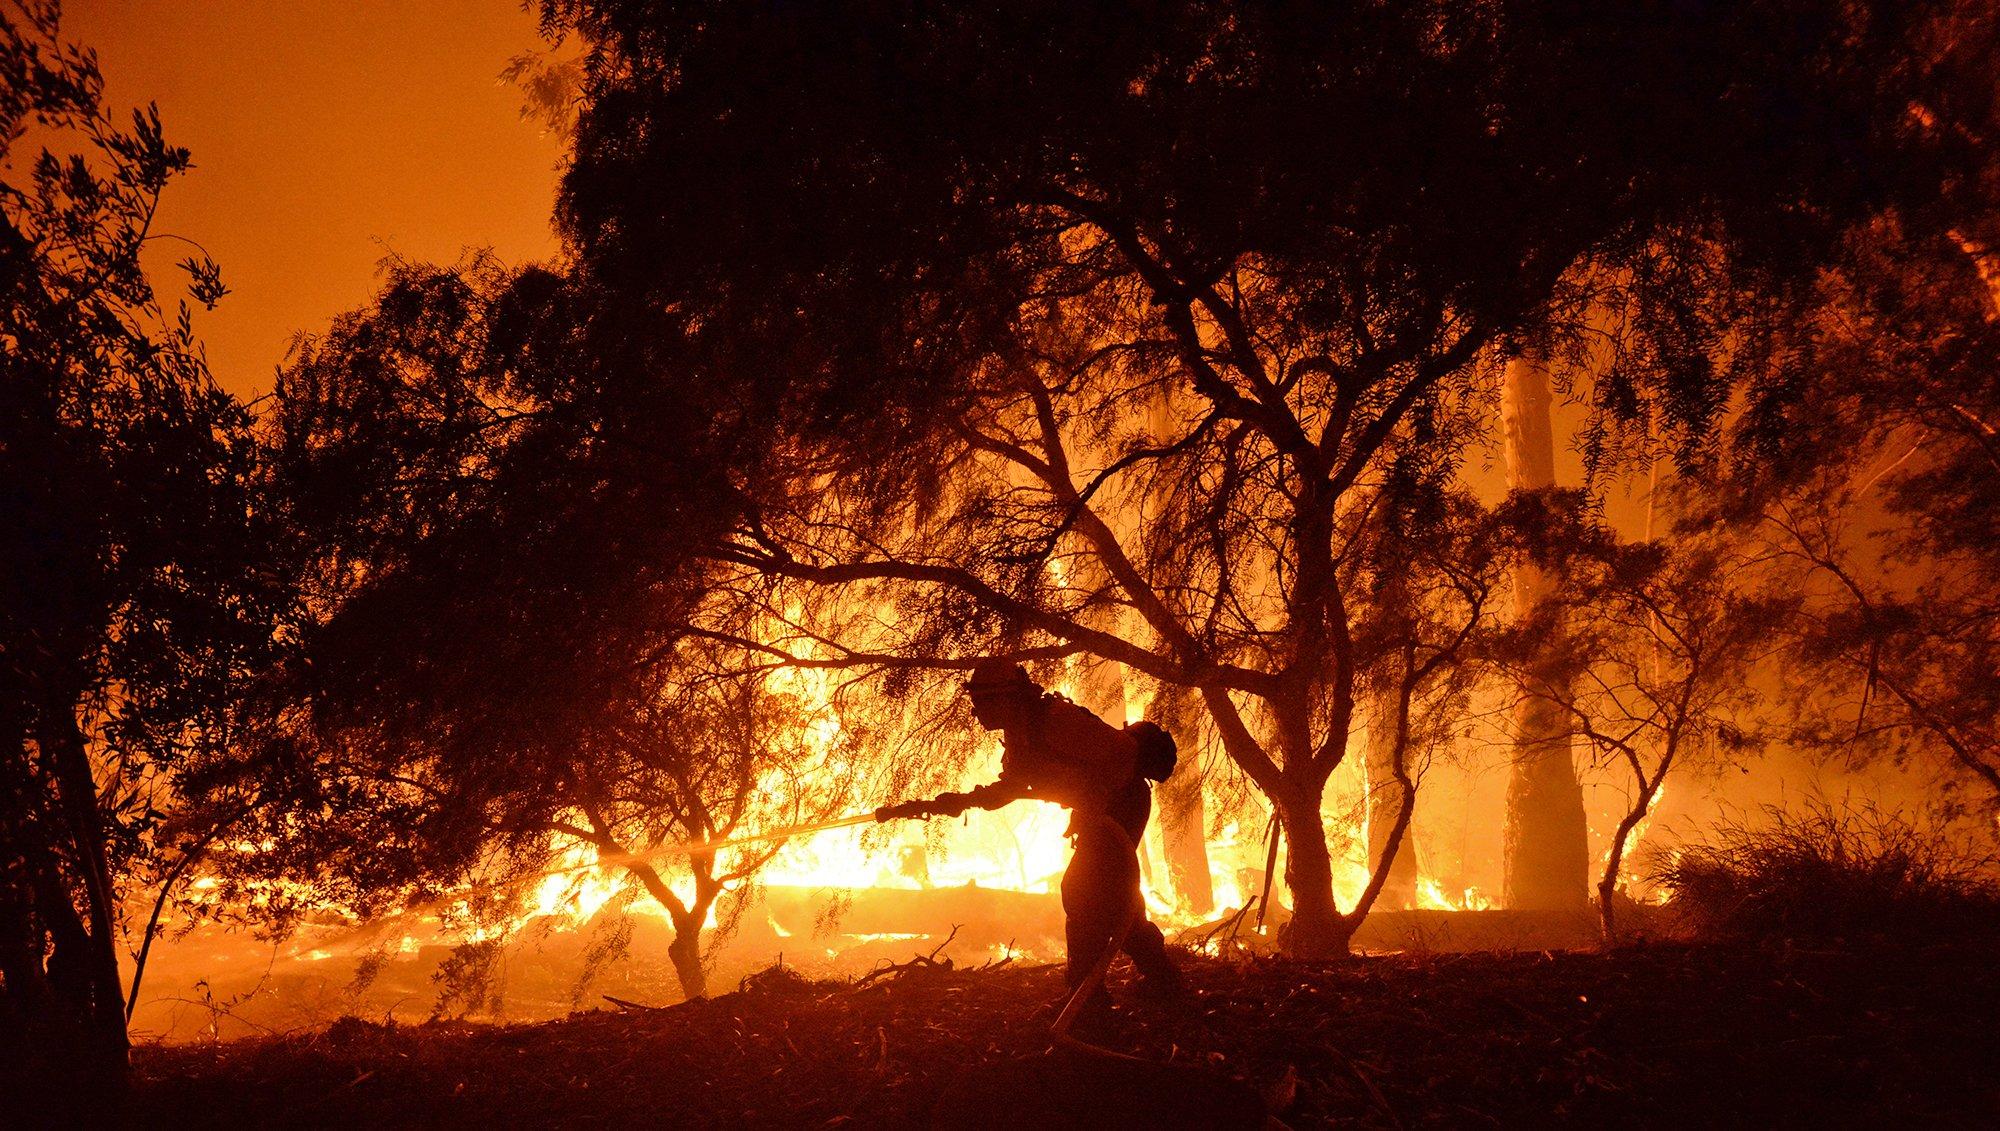 Fires threatening communities around West